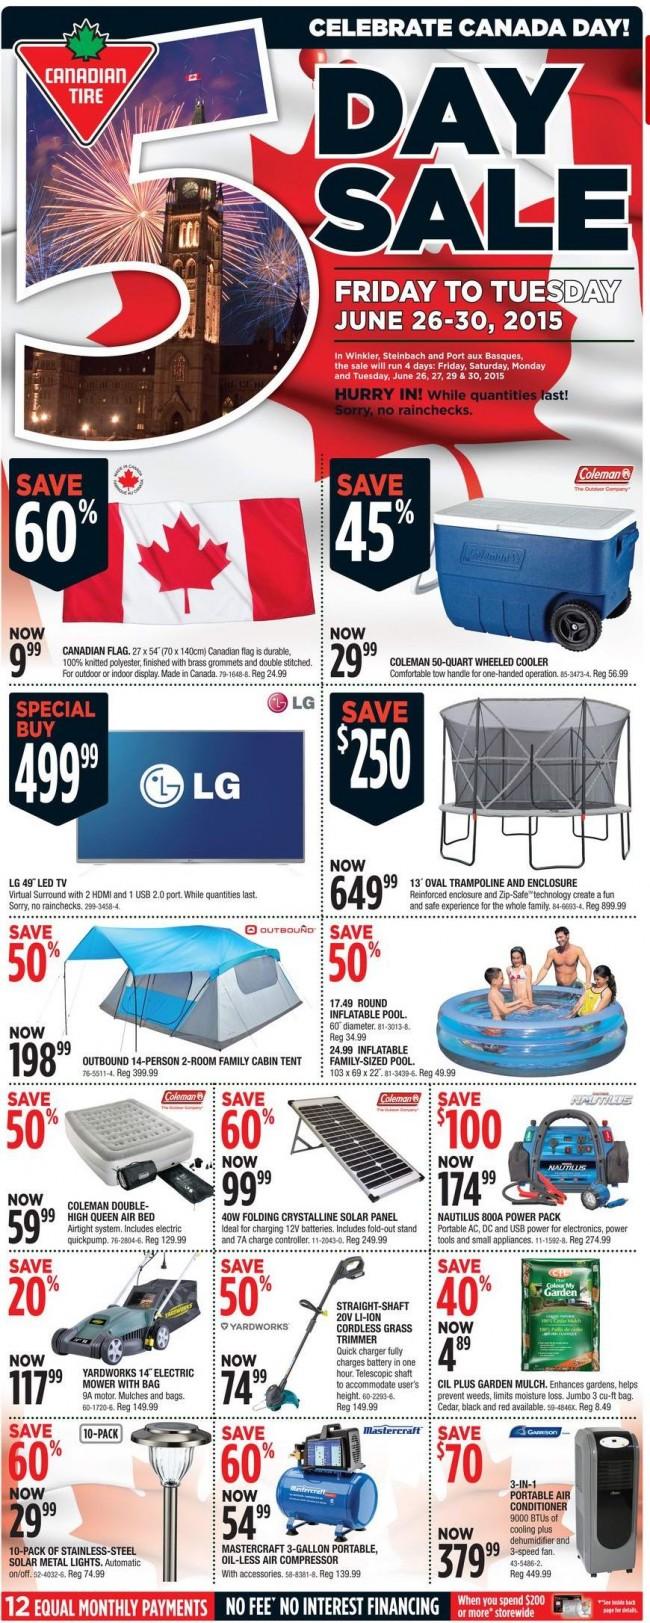 Canadian Tire本周(2015.6.26-2015.7.2)打折海报